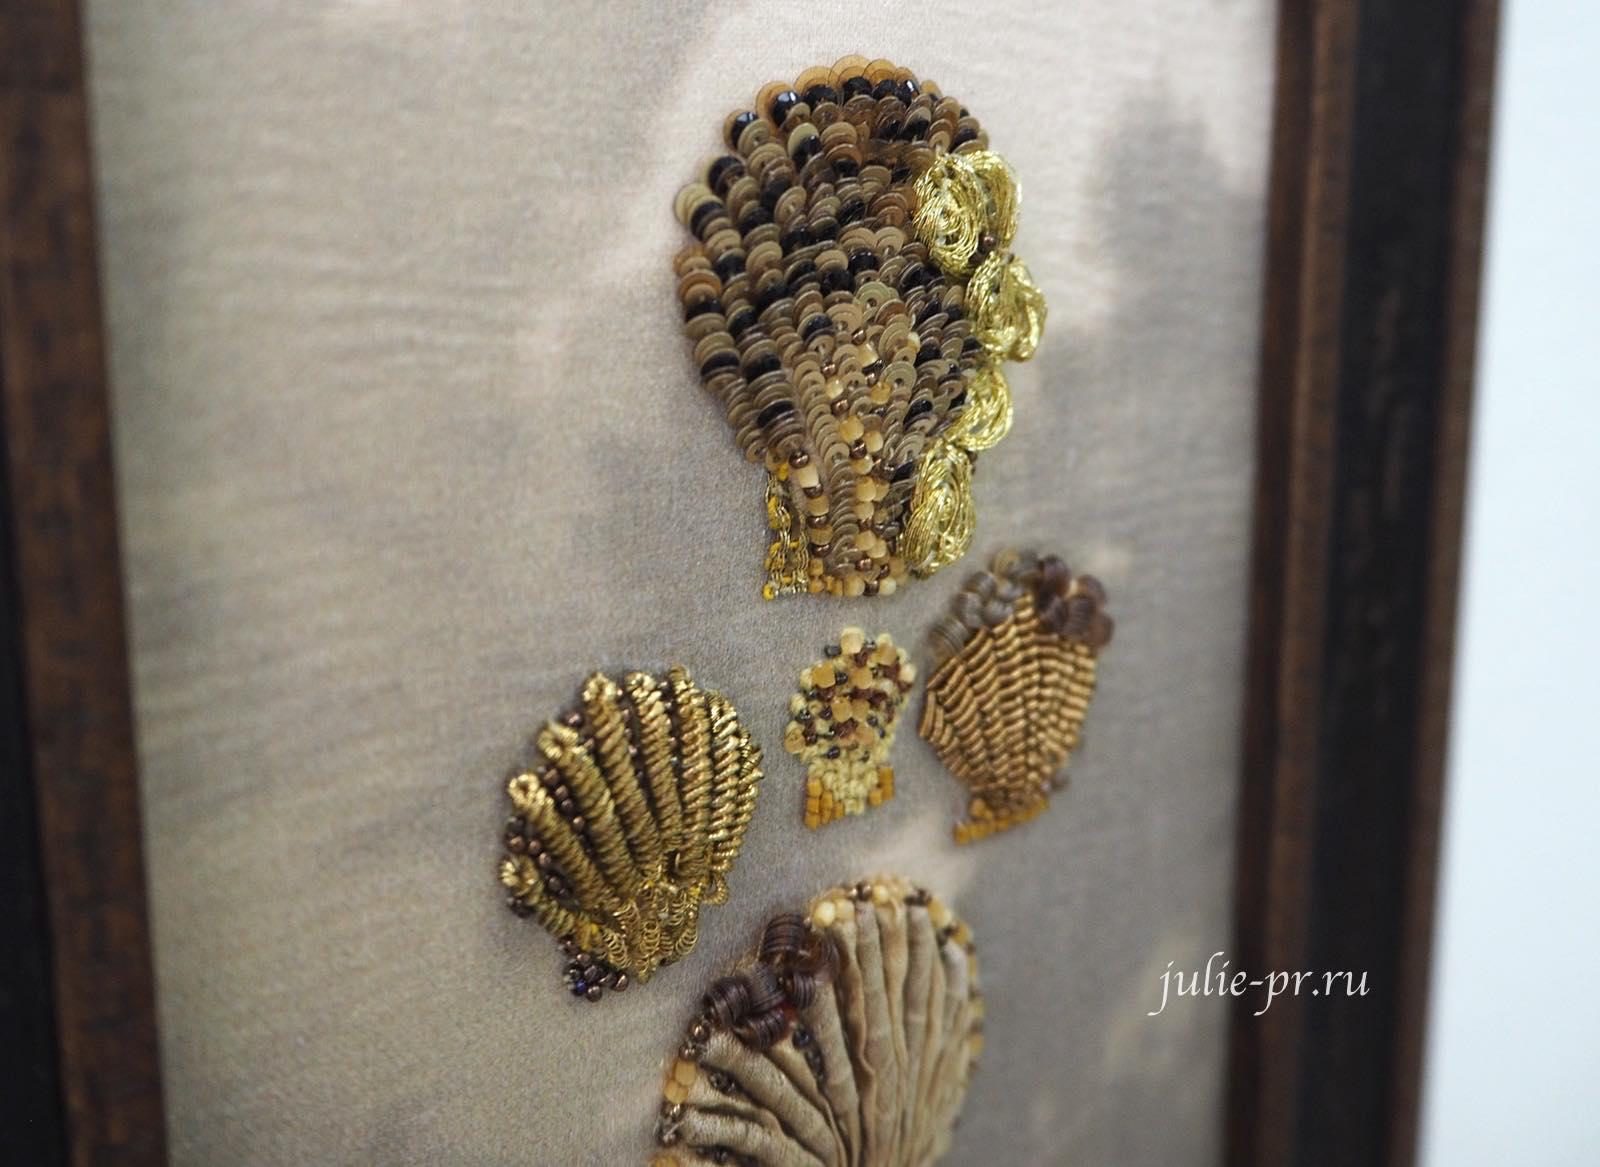 Ракушки, Катерина Мороз, кутюрная вышивка, вышивка пайетками